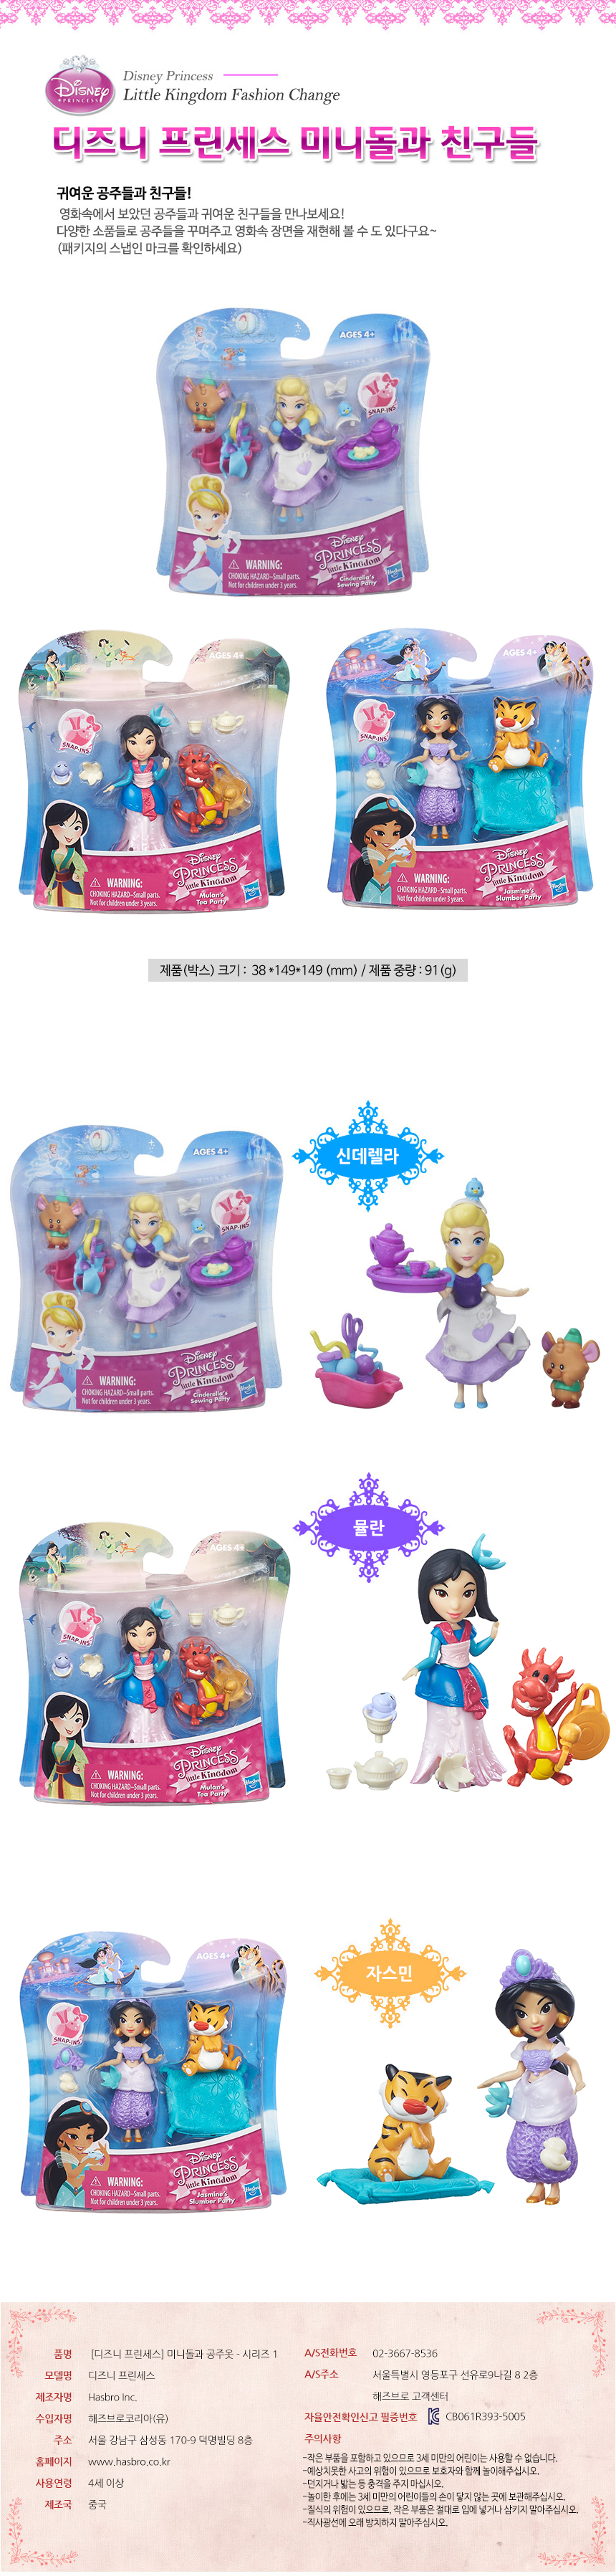 디즈니 프린세스 미니돌과 친구들 - S1 자스민 - 해즈브로, 17,600원, 장난감, 인형/애착인형